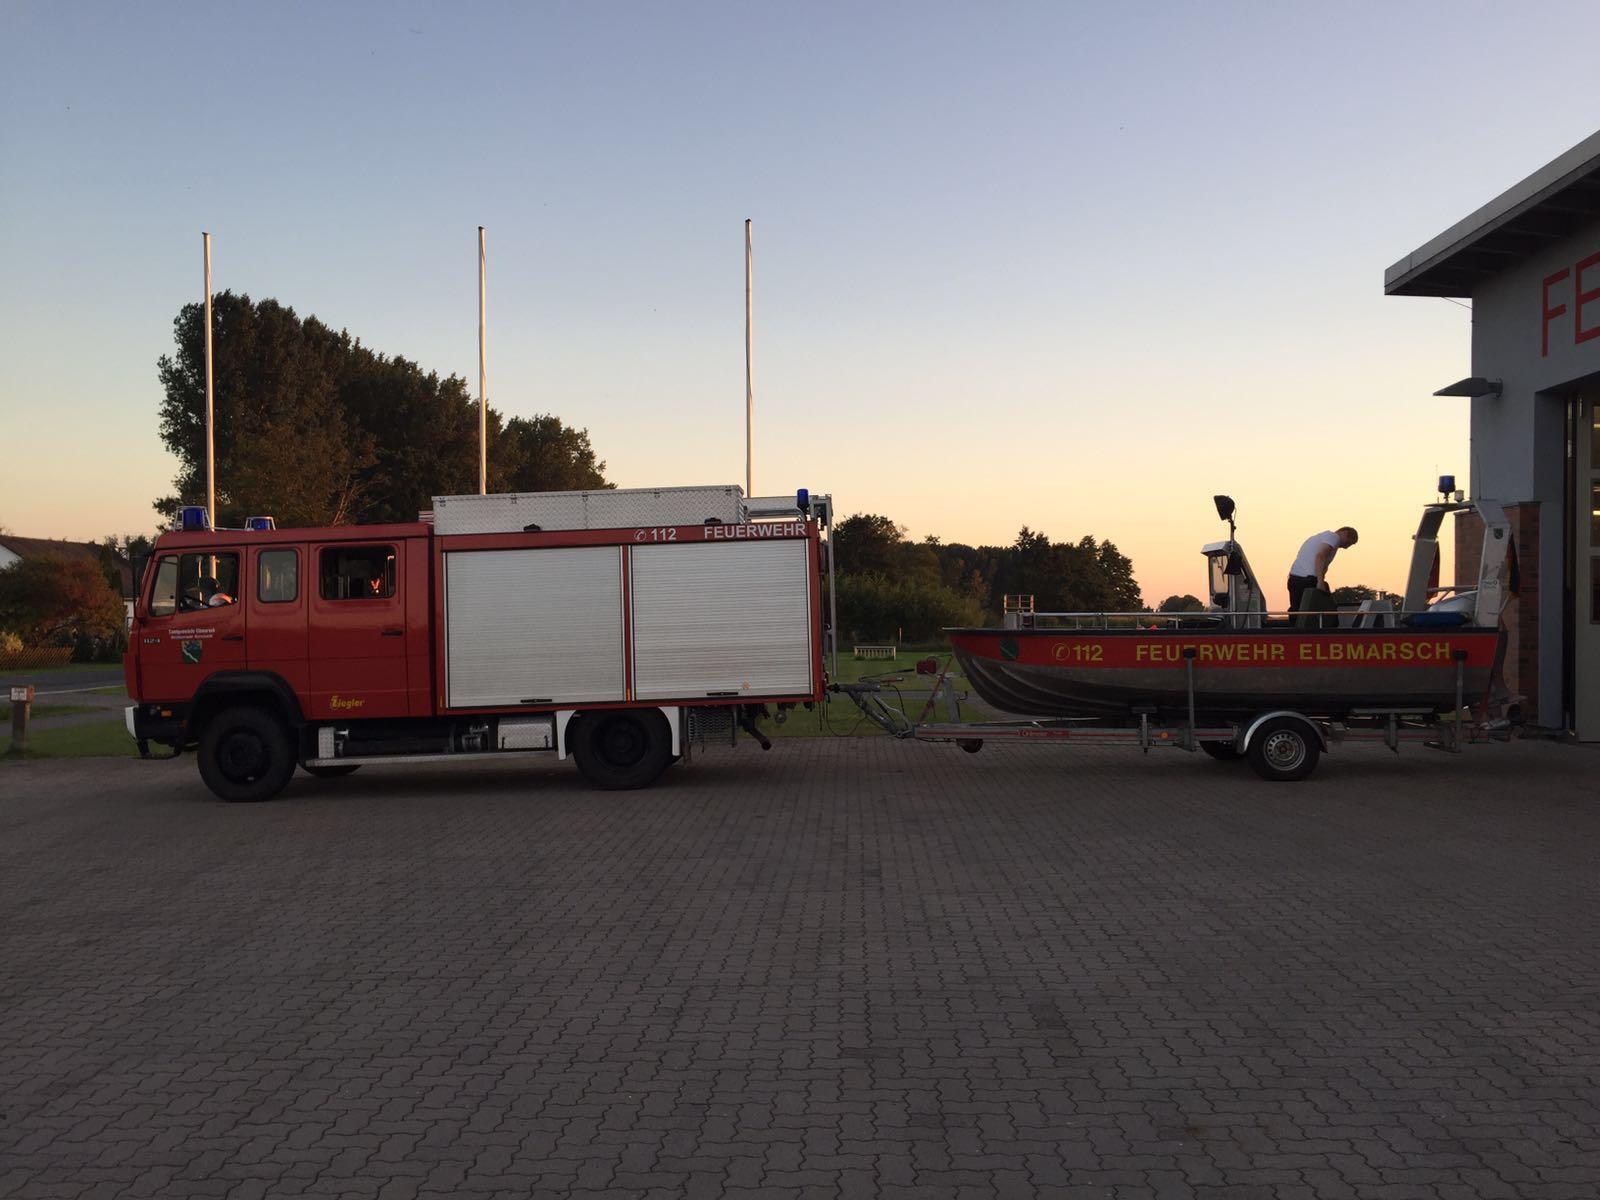 Zurück am Feuerwehrhaus